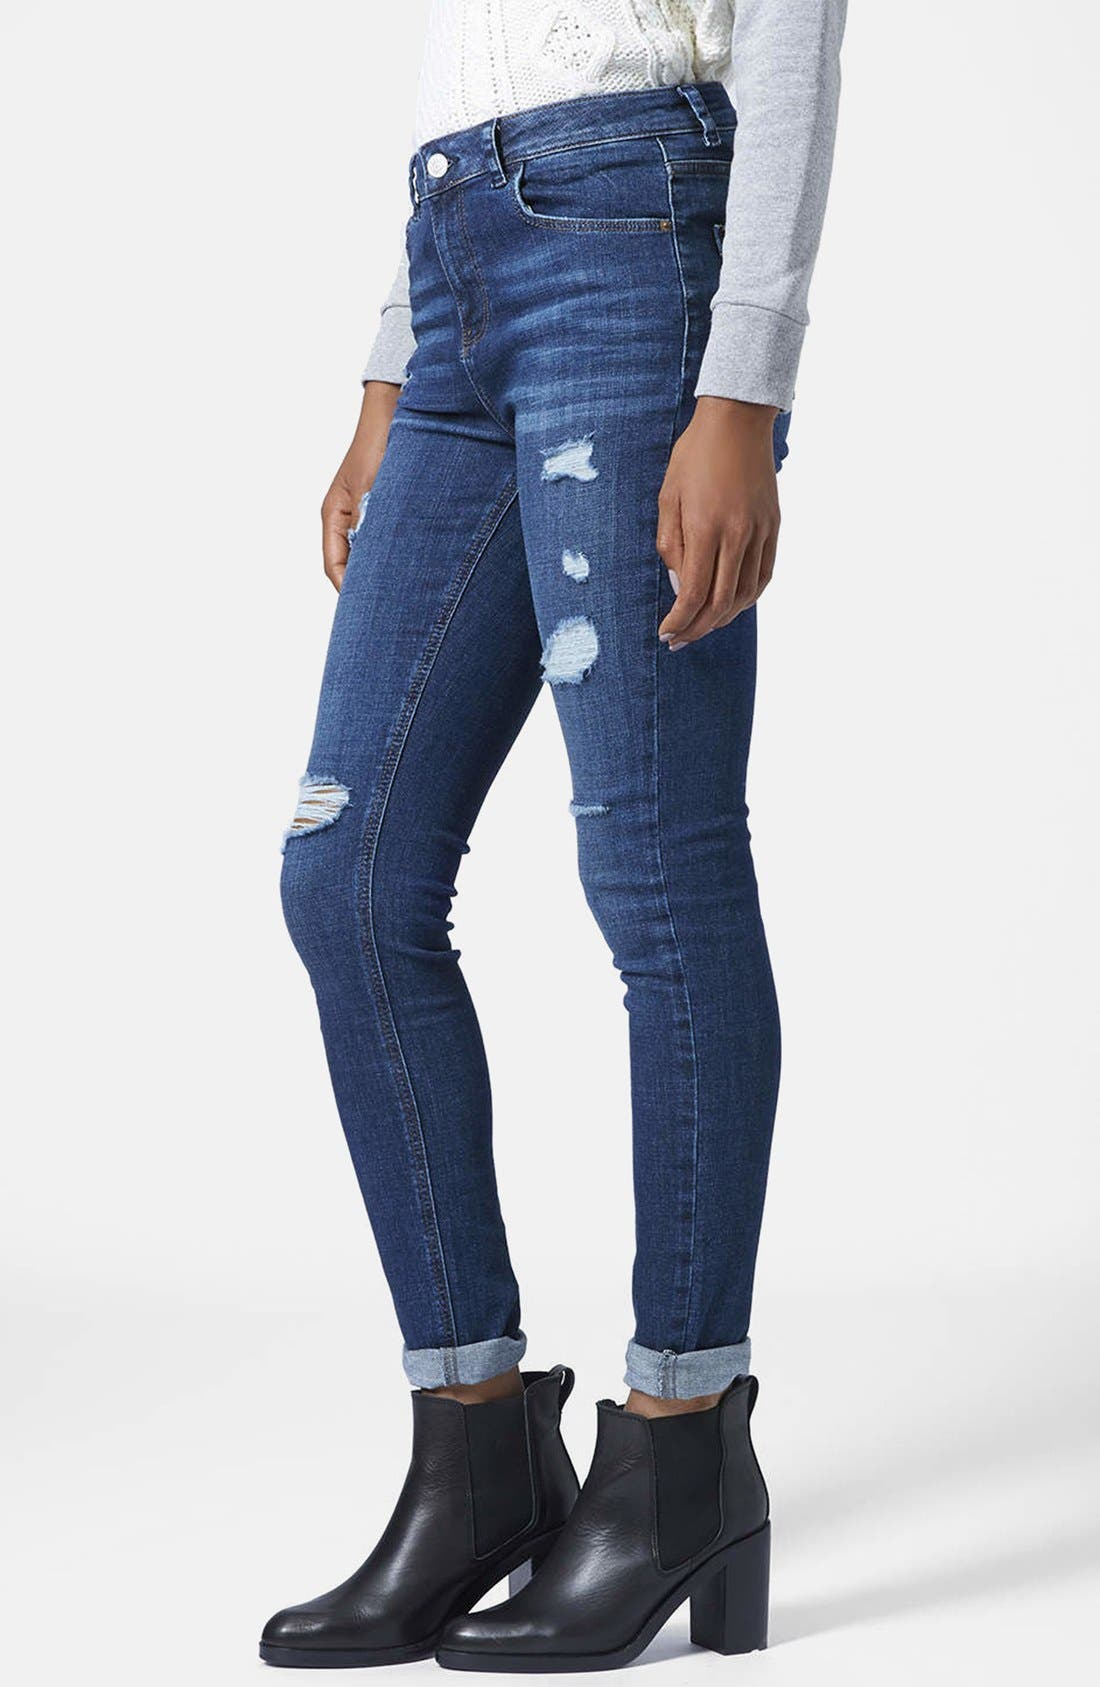 Moto Ripped Skinny Jeans,                             Main thumbnail 1, color,                             Dark Denim